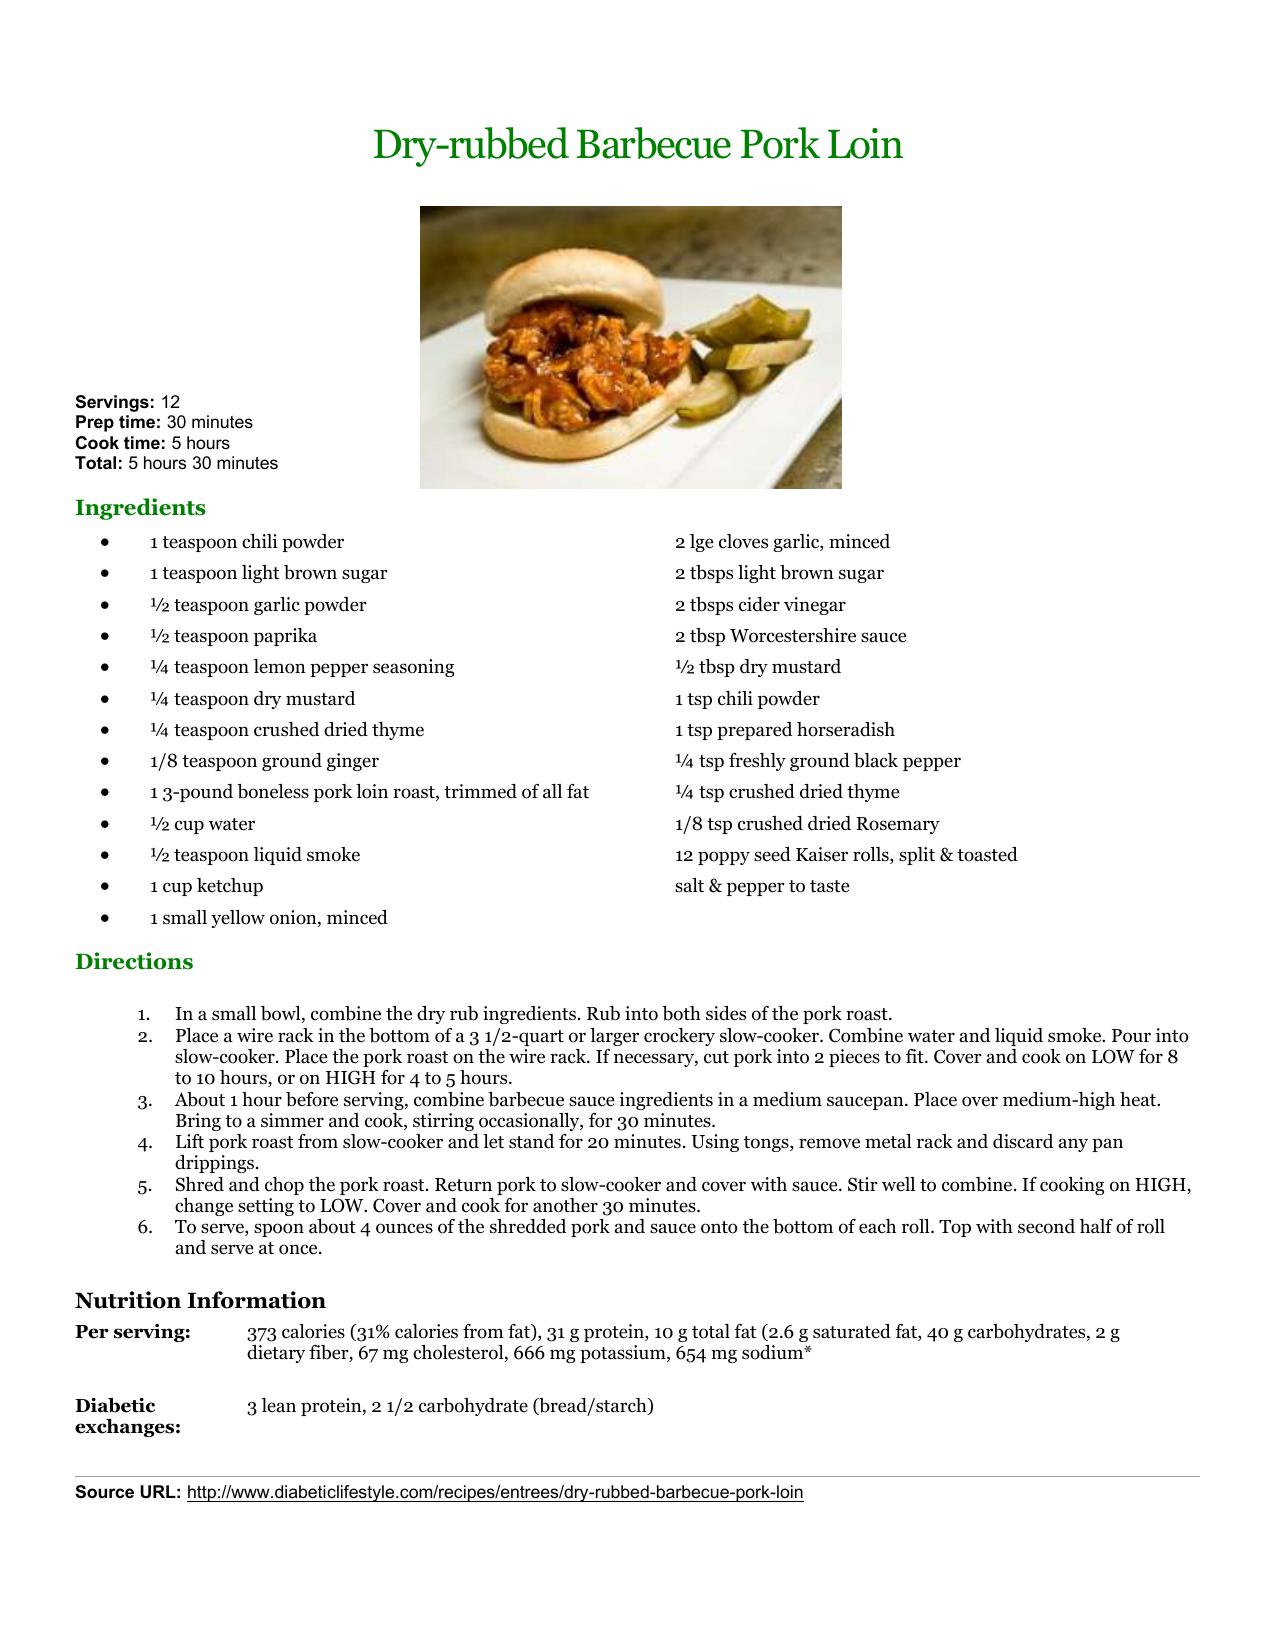 Dry-rubbed Barbecue Pork Loin   manualzz com